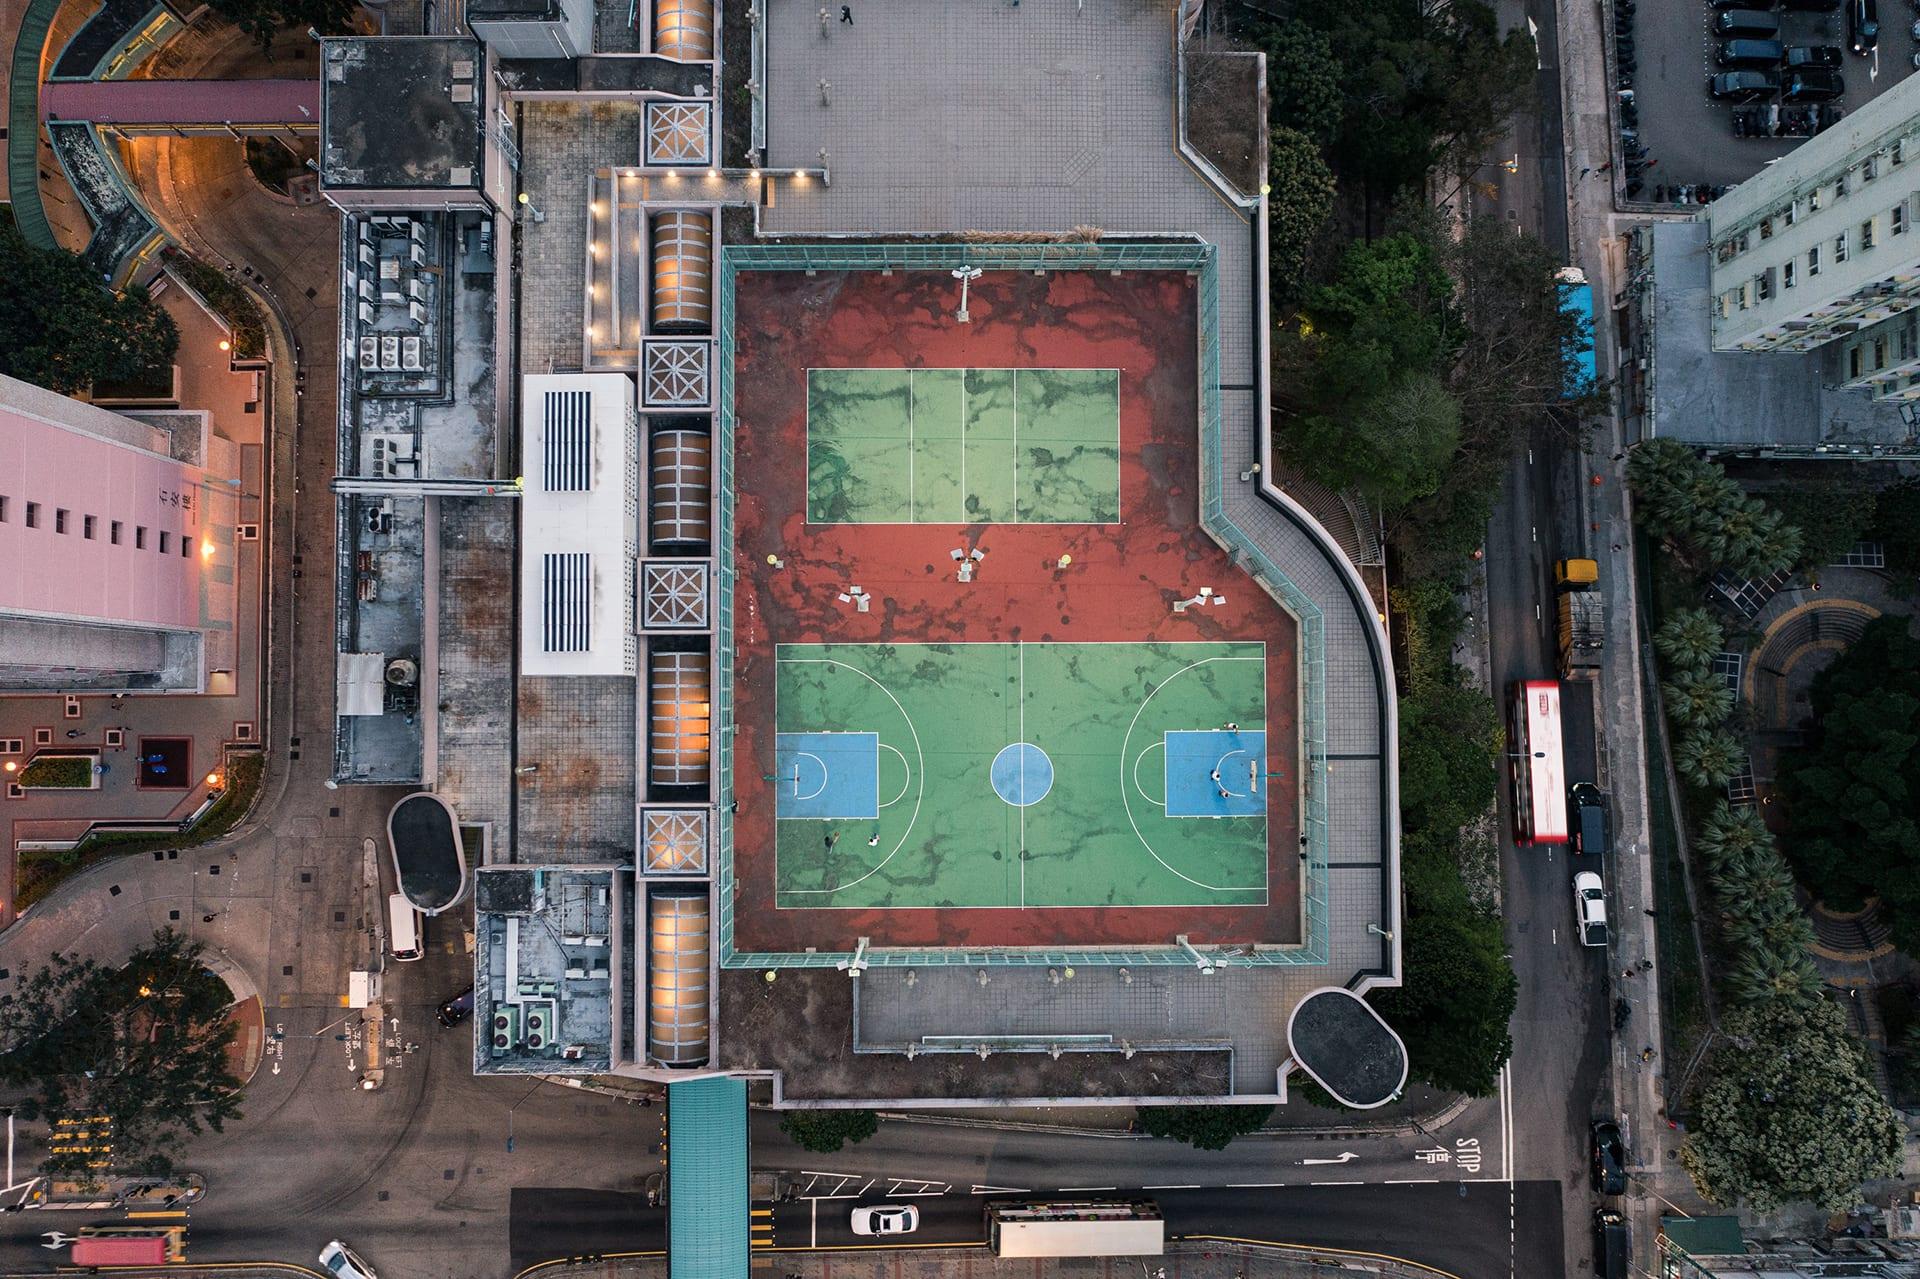 Before-Shek Lei Grind Court